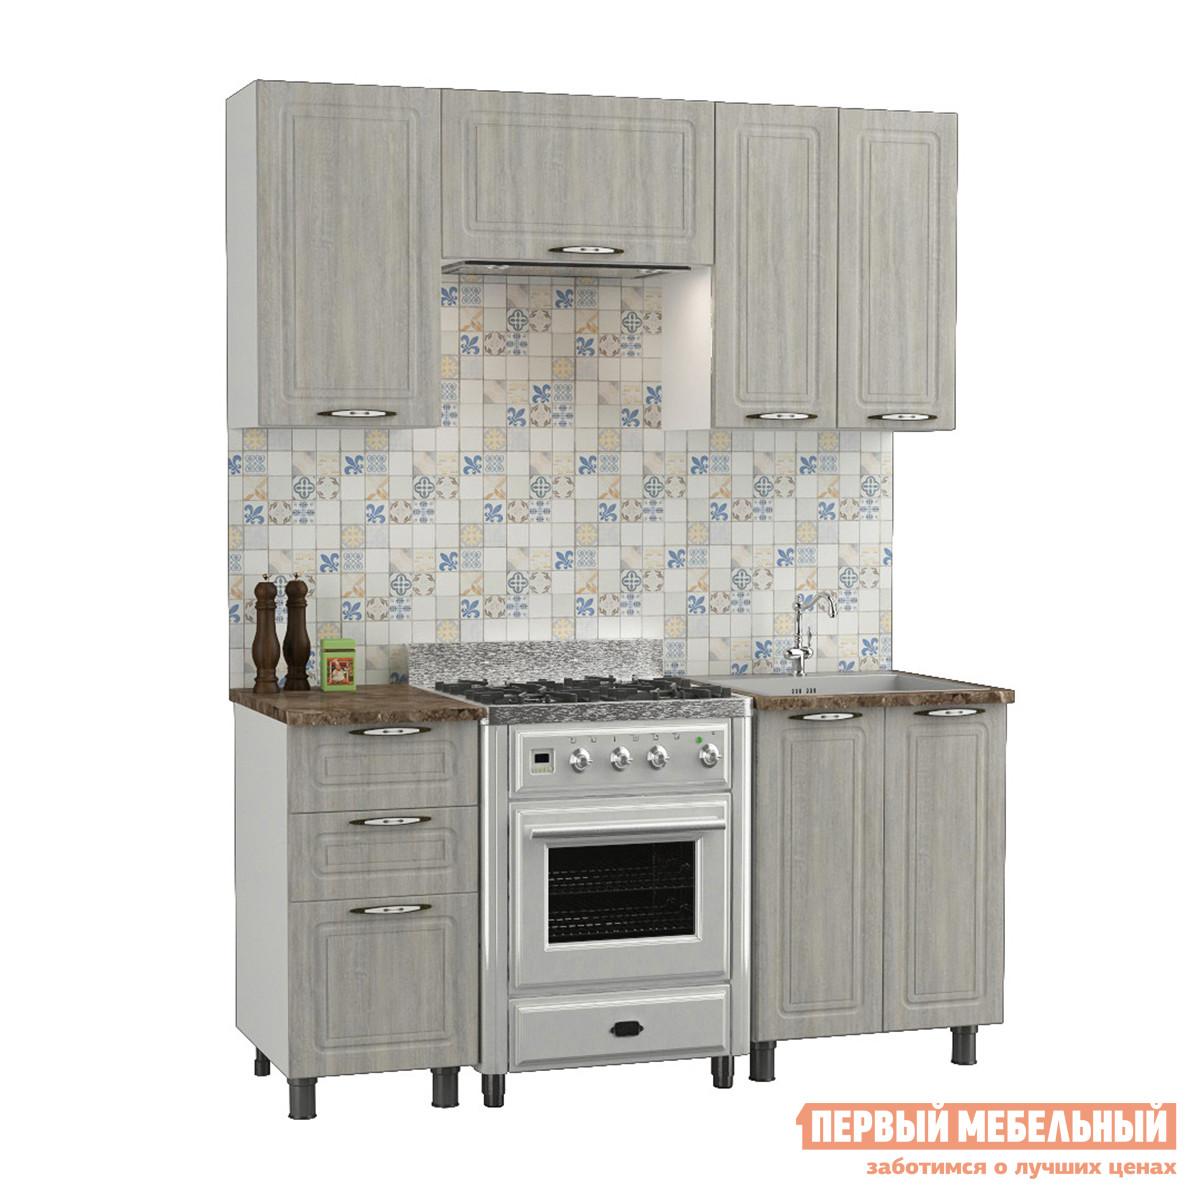 Кухонный гарнитур Первый Мебельный Прованс 1,6 м